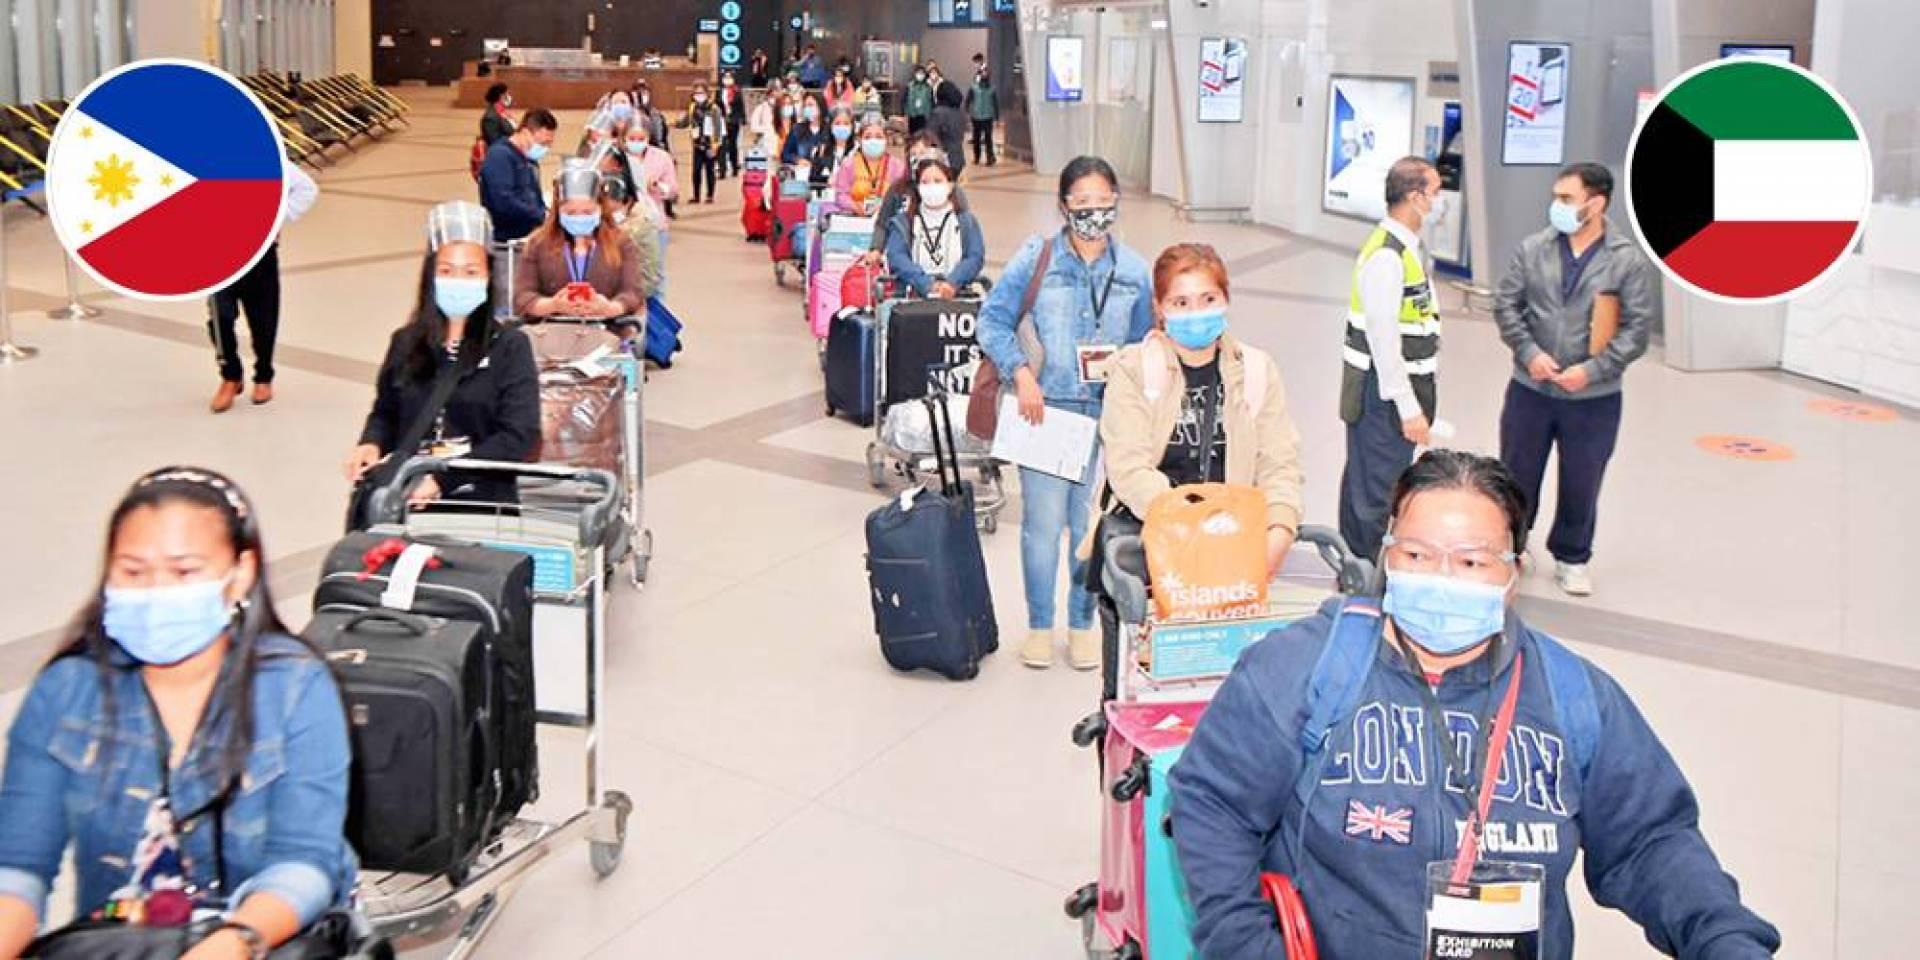 وفد فلبيني يزور البلاد لاستئناف استقدام العمالة المنزلية